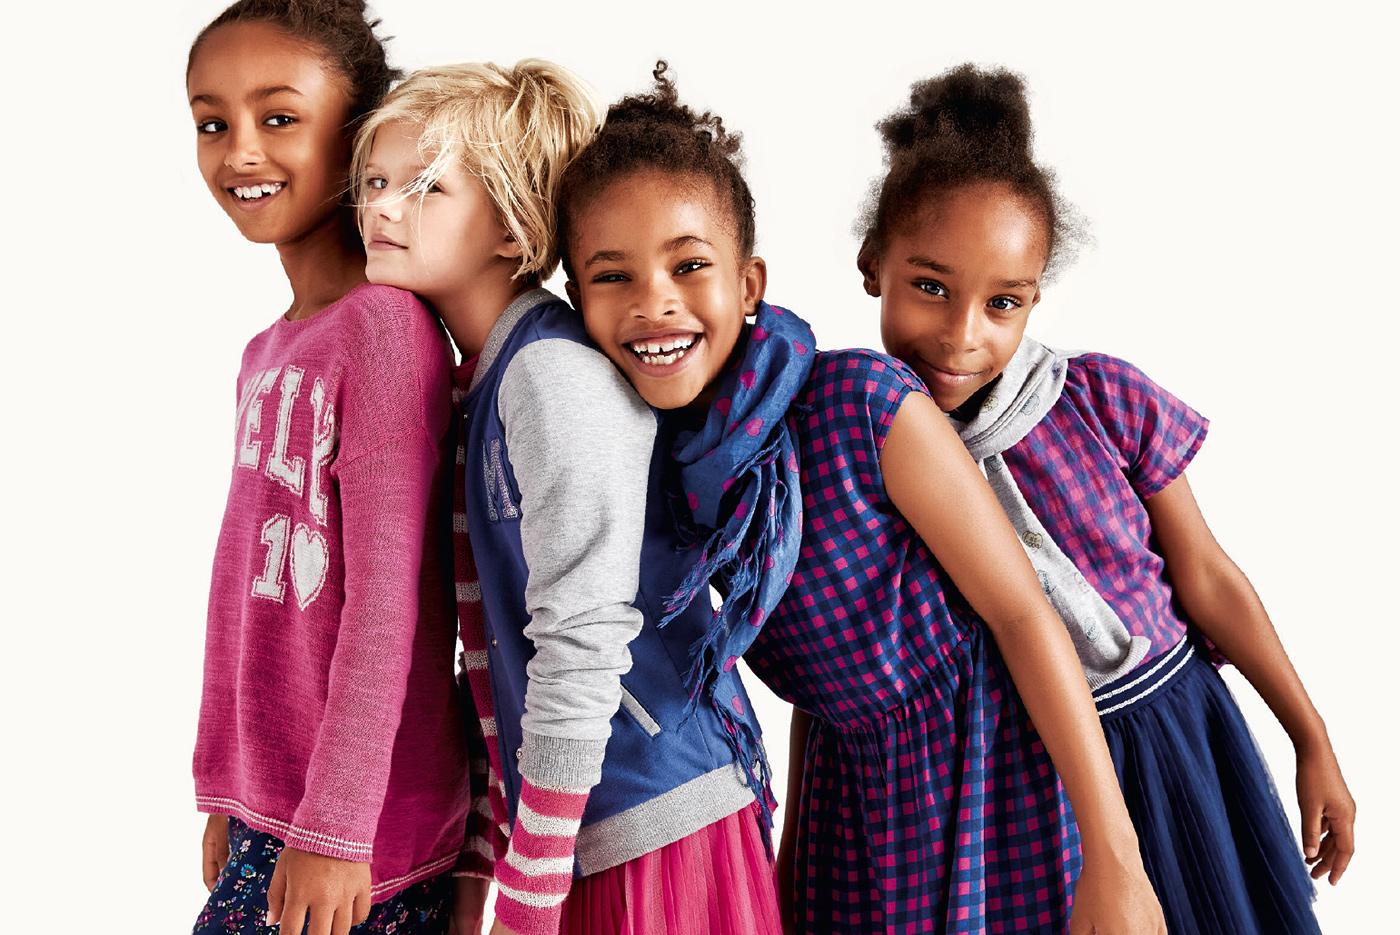 Eine Explosion aus Farbe und Heiterkeit – die Kollektion für kleine Cheerleaders. Foto: United Colors of Benetton.